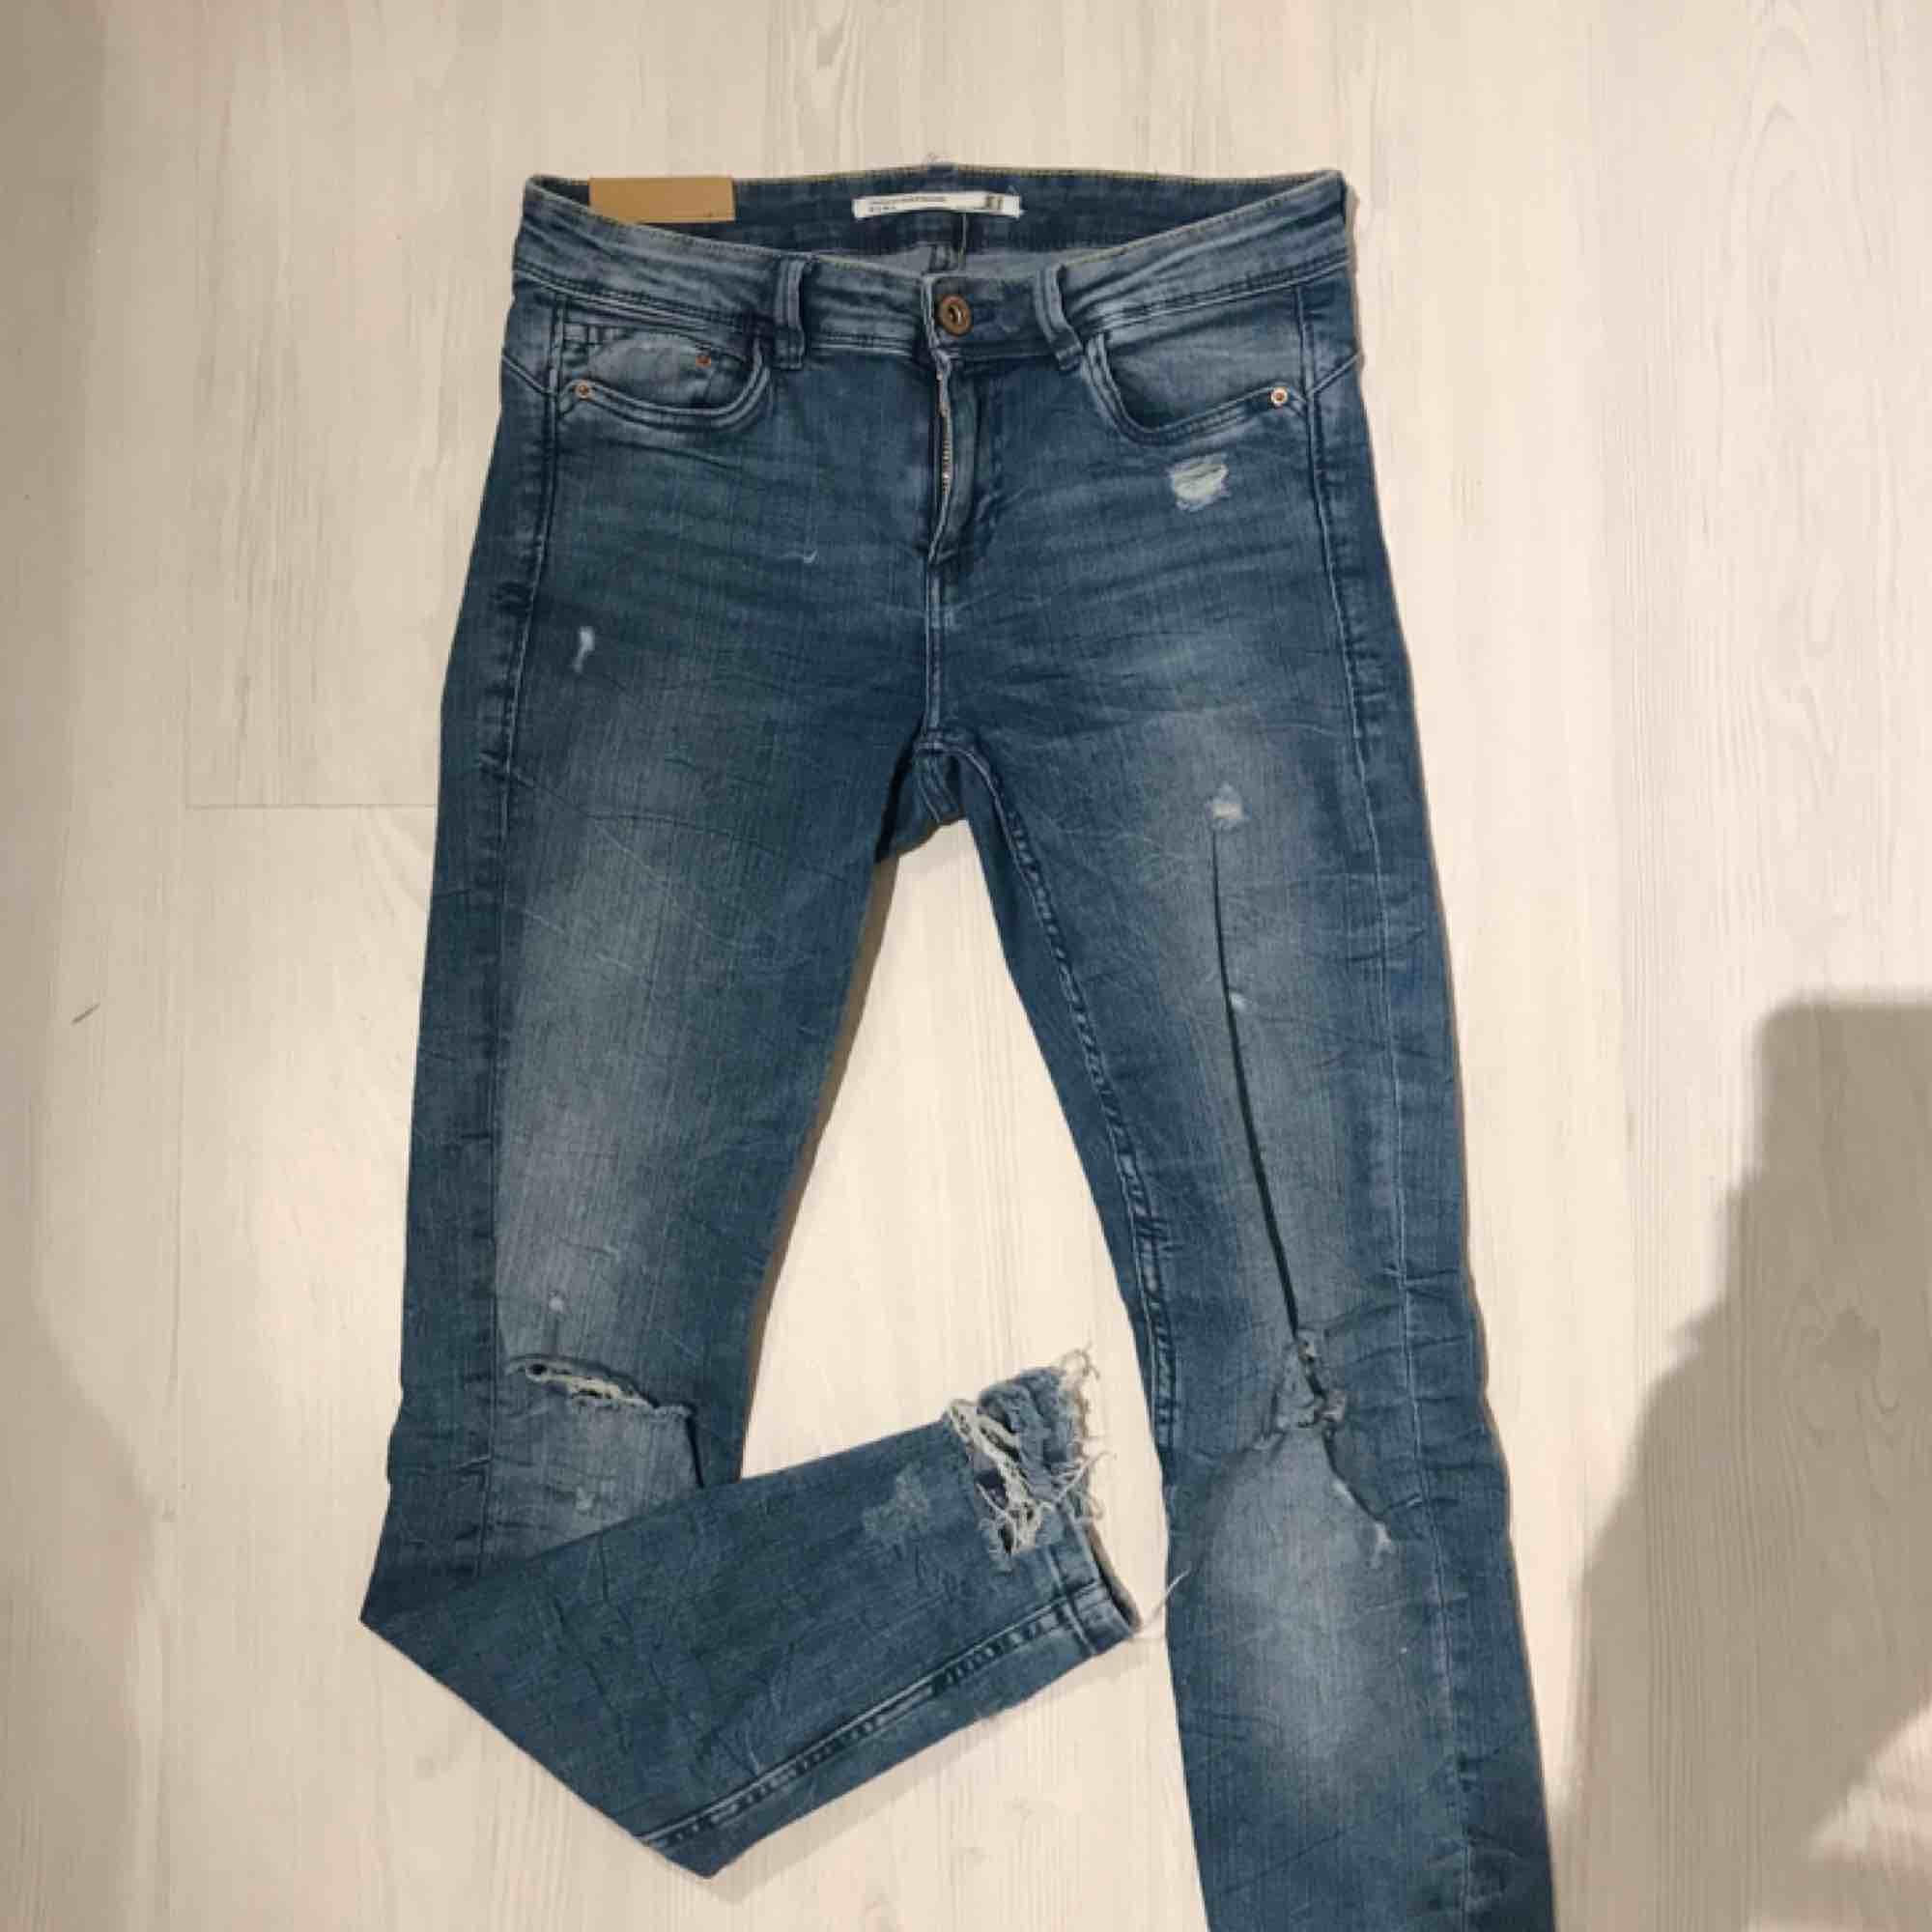 Snygga blåa jeans i skönt stretchigt material från Zara! Snygga slitningar 🌟🌟 frakt på 55 kr tillkommer. Jeans & Byxor.